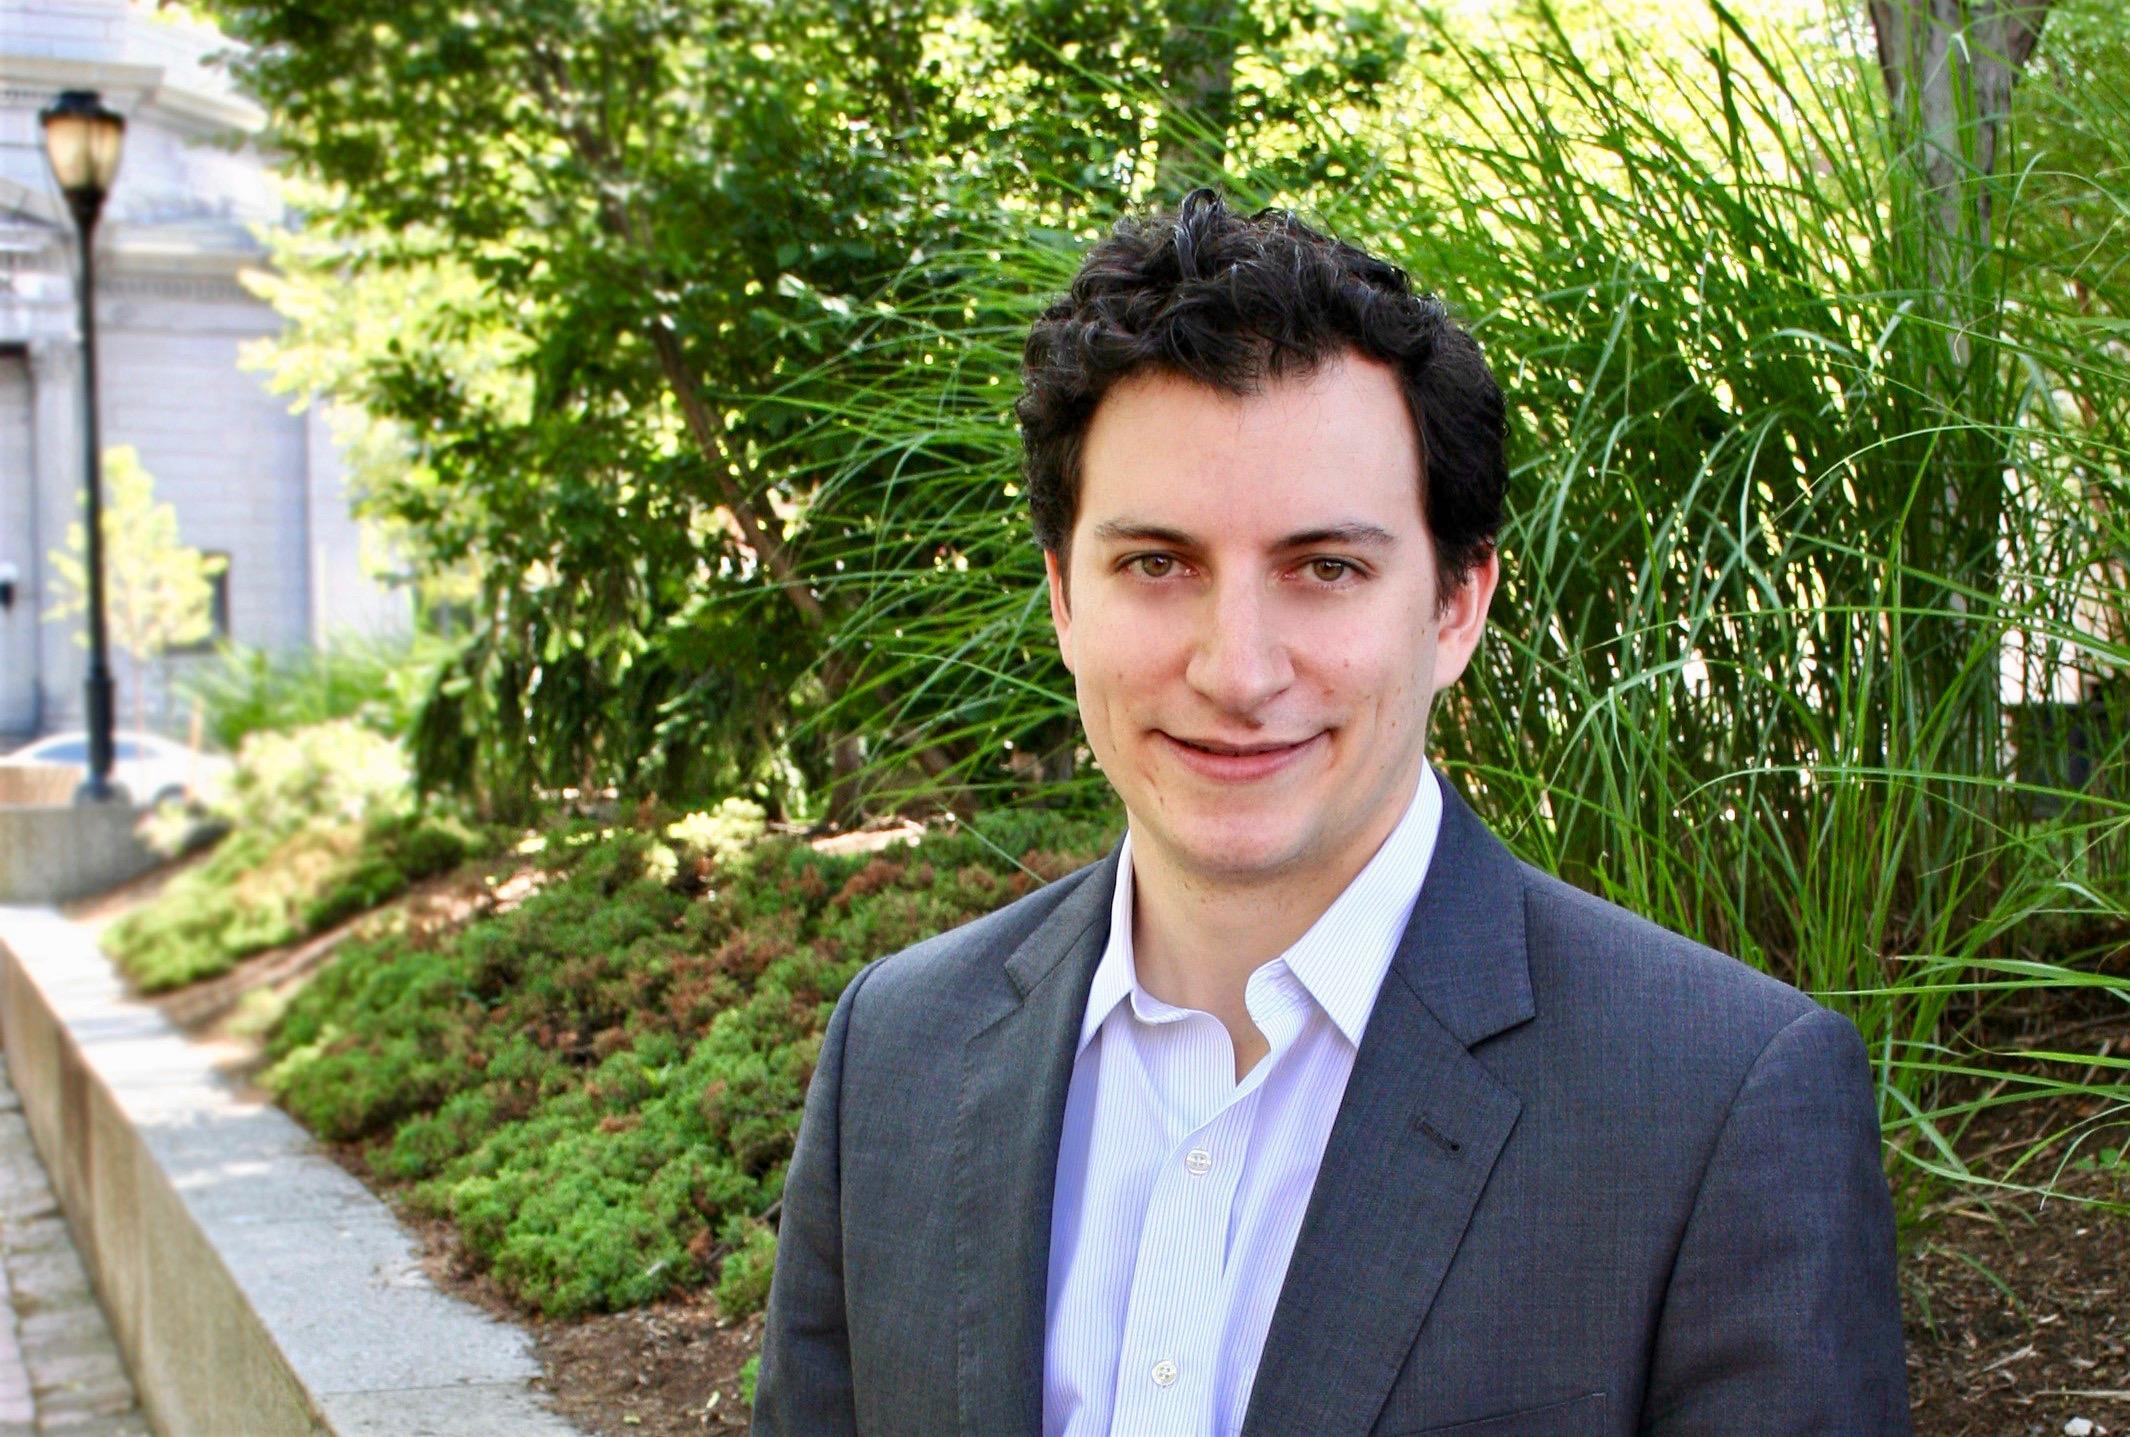 Eric Jutkowitz, vedoucí kolektivu a první autor studie, expert na ekonomické modelování ve zdravotnictví, University of Minnesota.